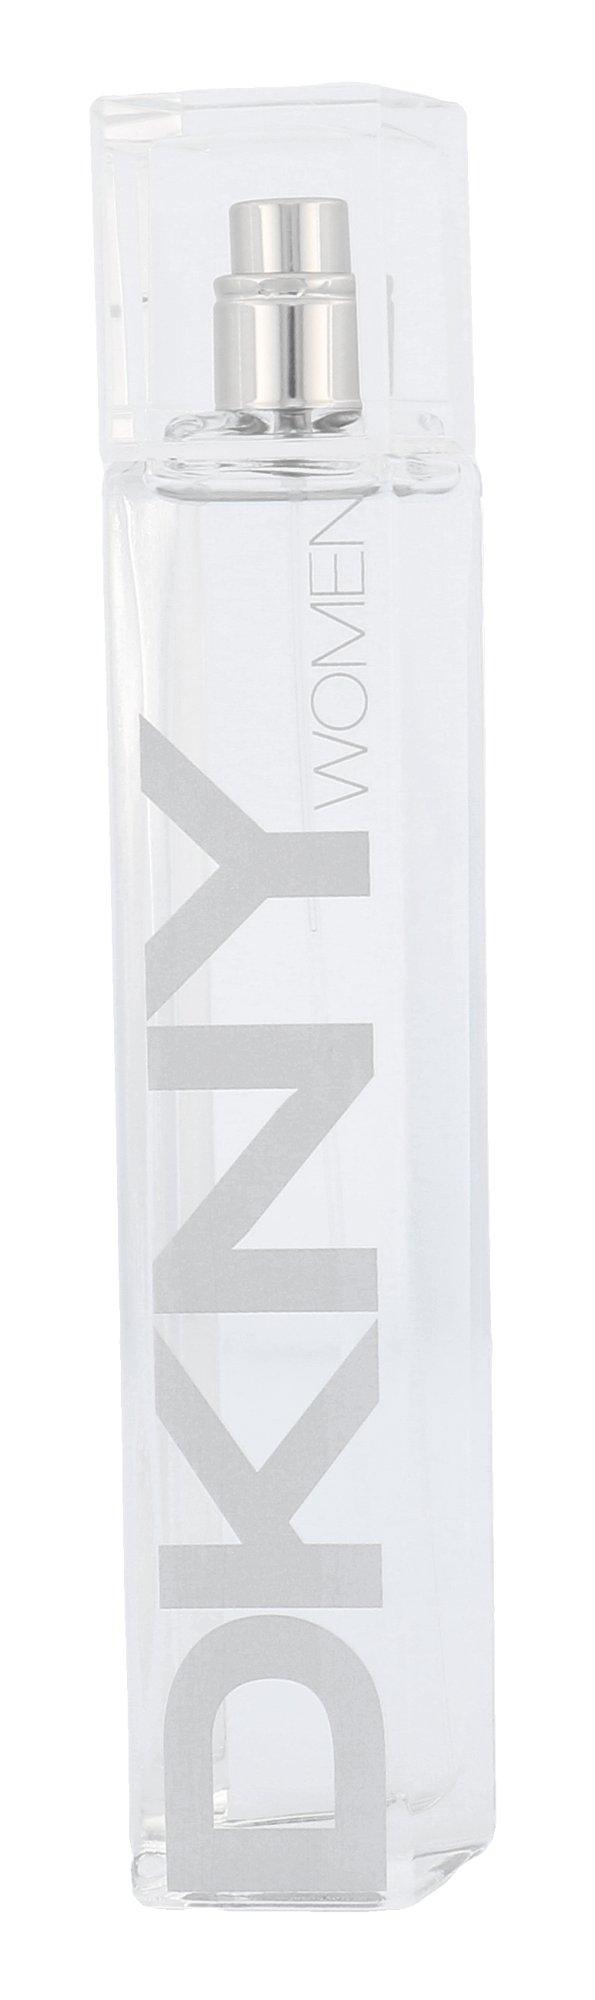 DKNY DKNY Women Energizing 2011, Toaletná voda 50ml